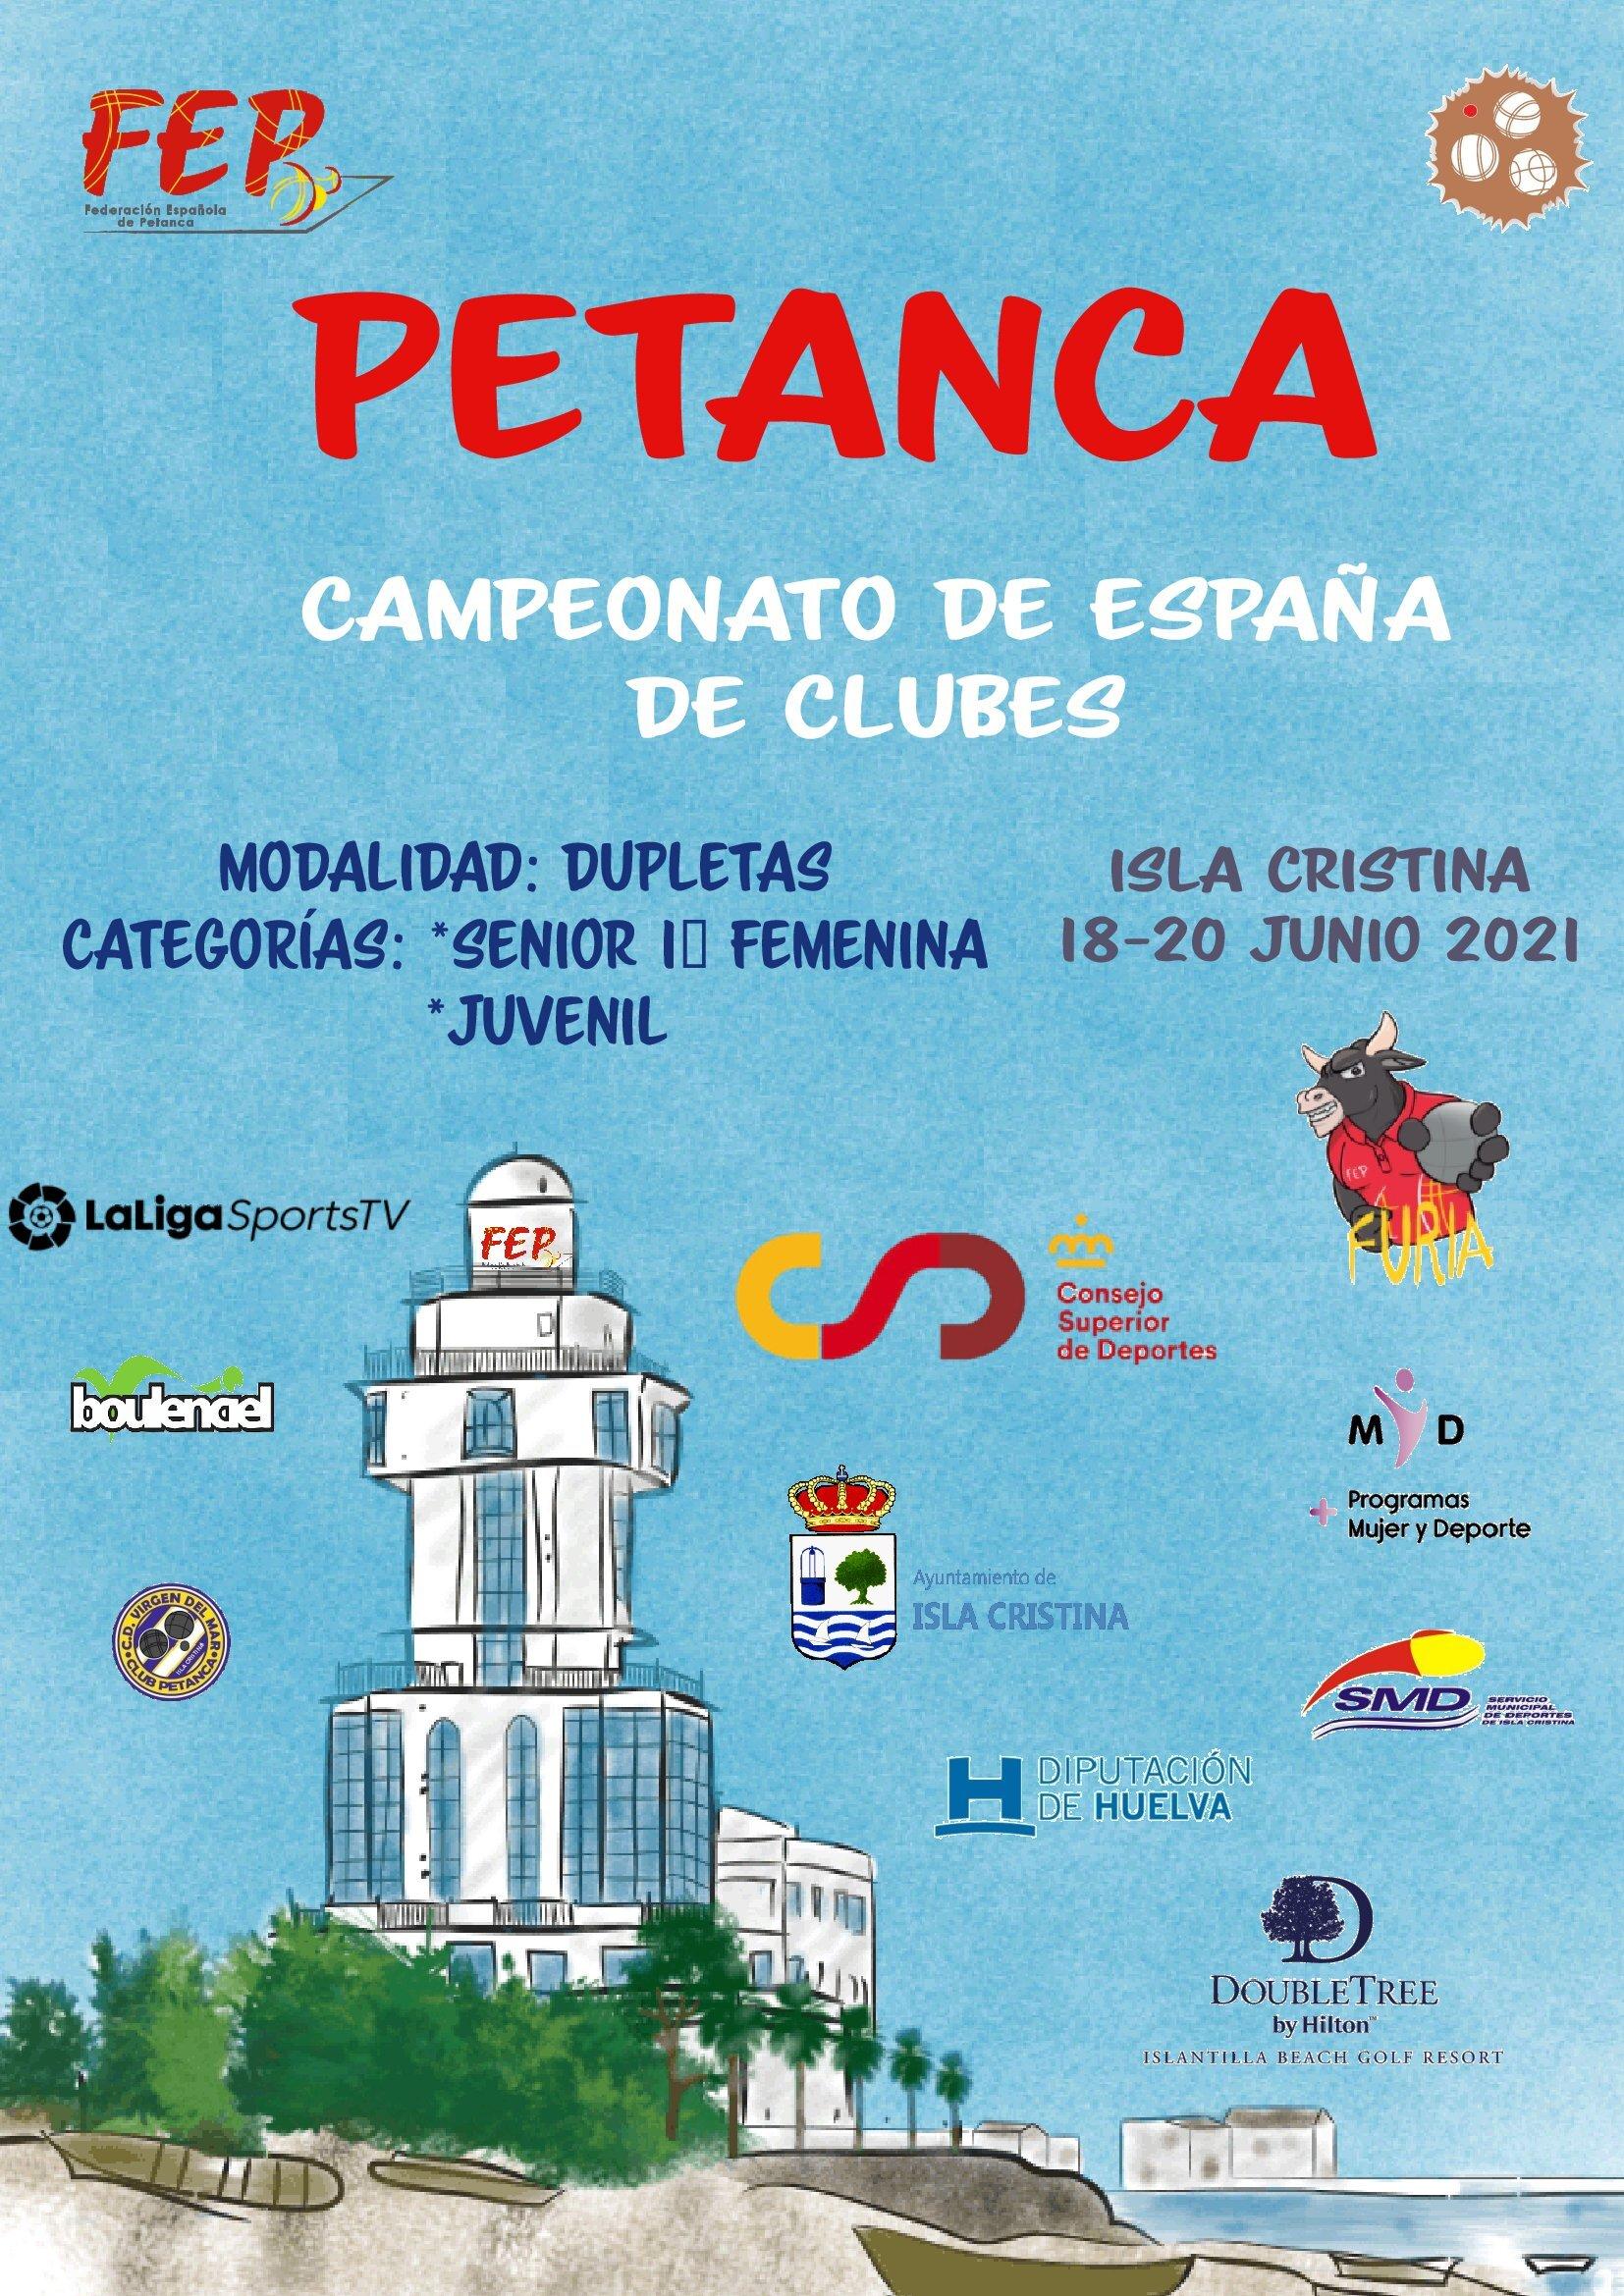 Isla Cristina acoge el Campeonato de España de Petanca 1ª sénior femenina y juvenil